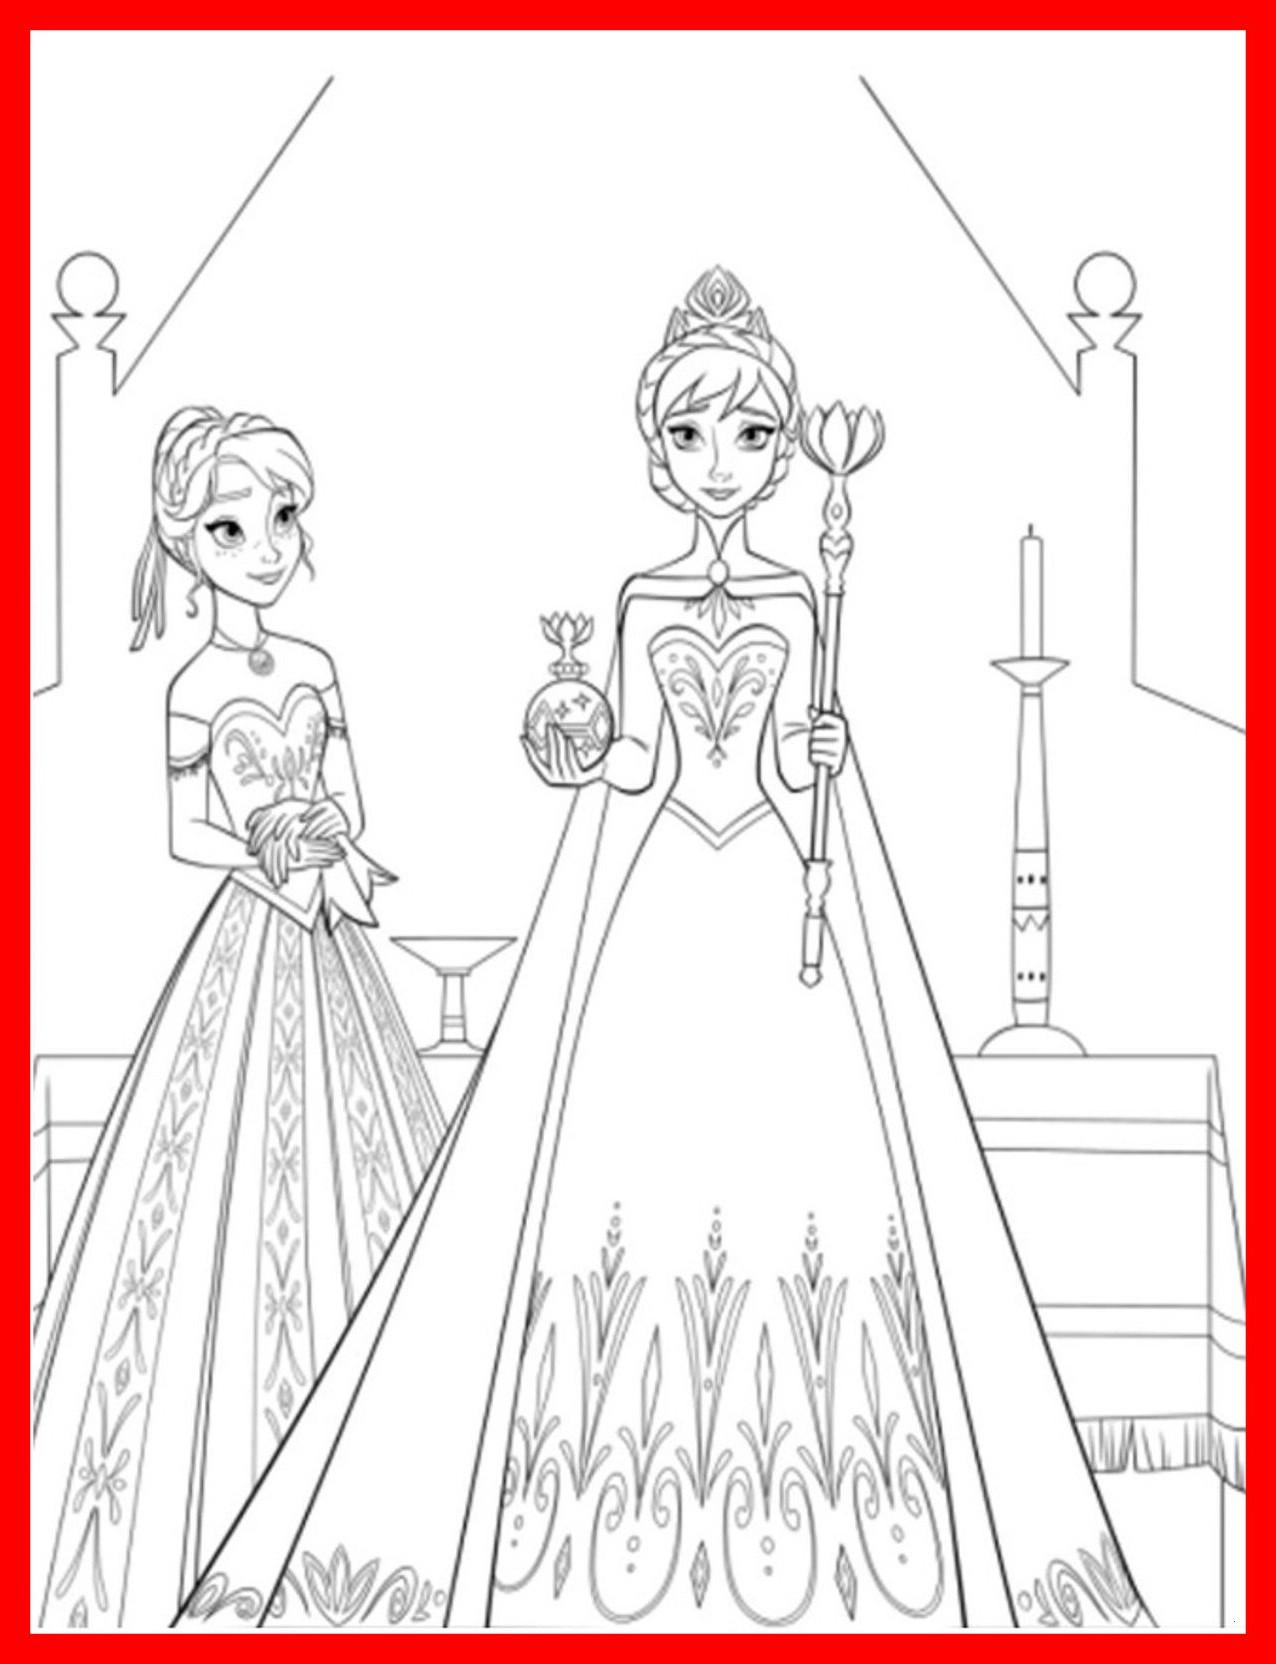 Malvorlagen Elsa Und Anna Einzigartig Elsa Anna Ausmalbild